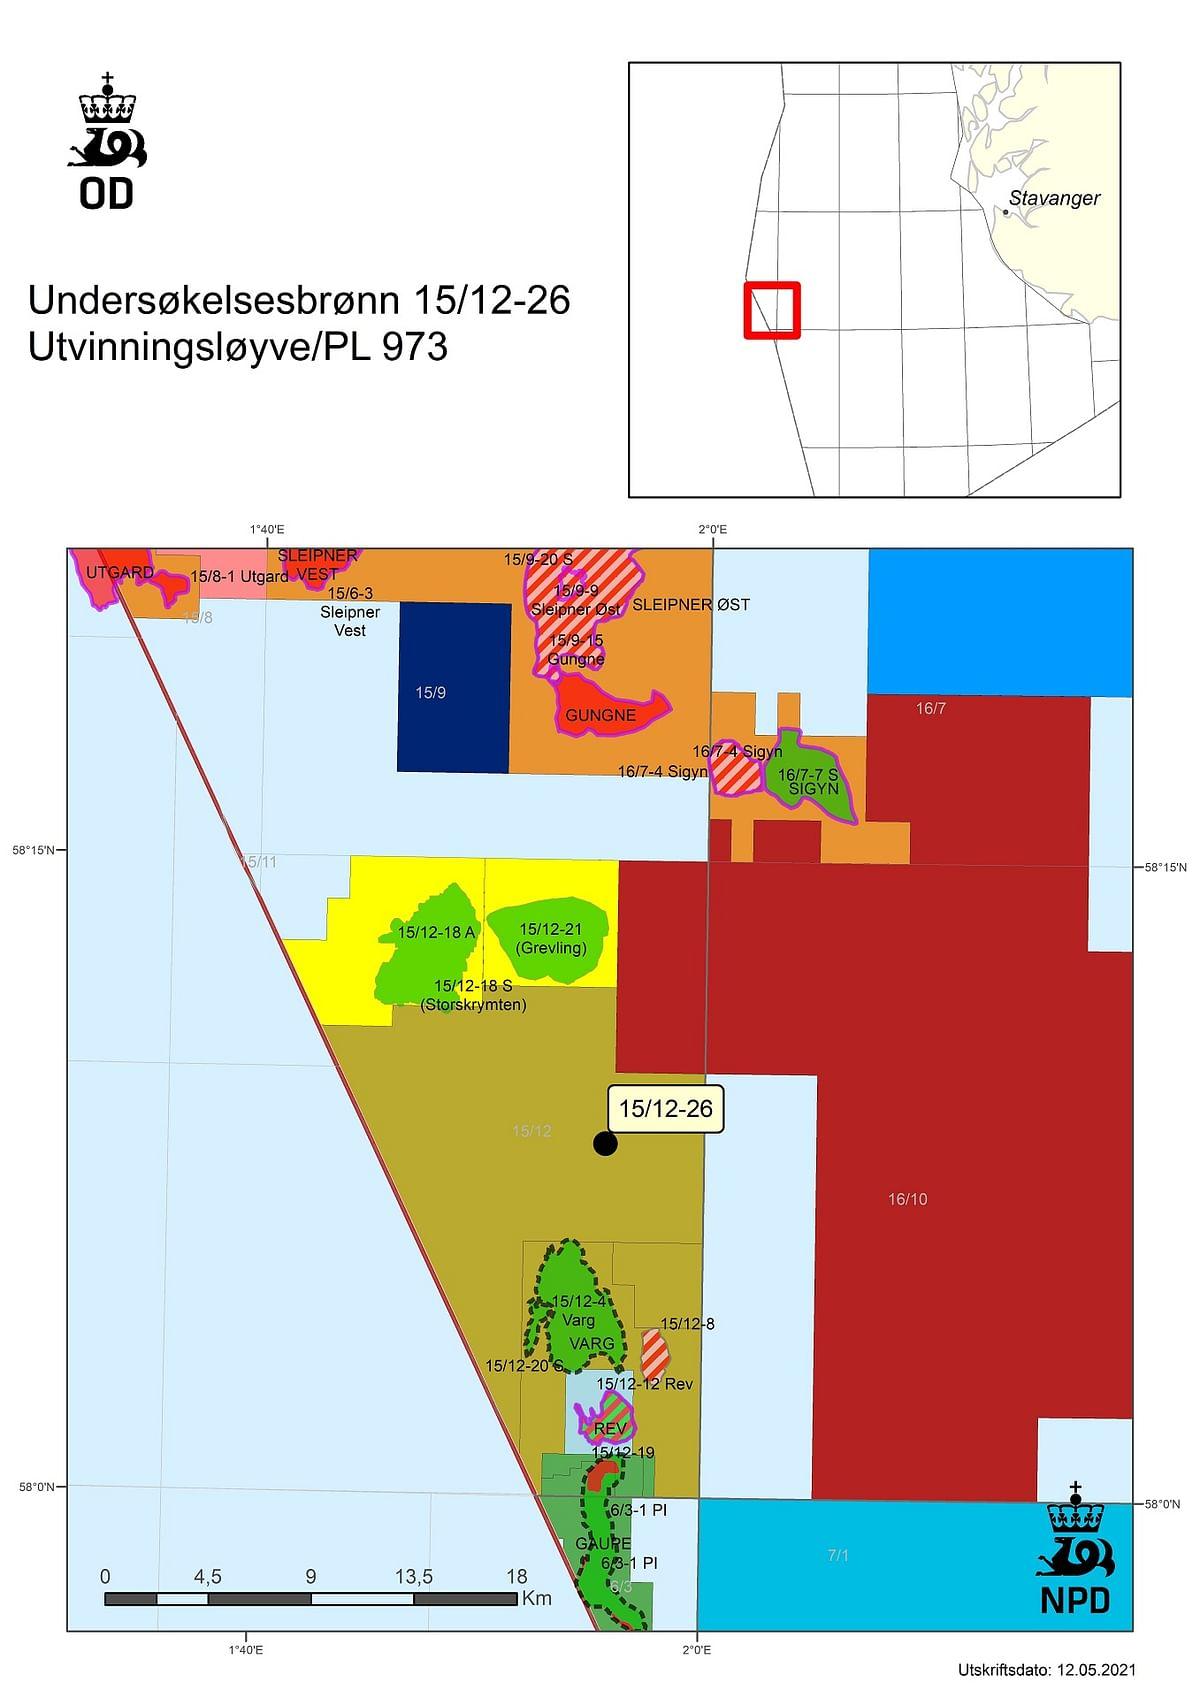 Chrysaor Norge Drills Dry WellNear Sleipner Øst Field in North Sea